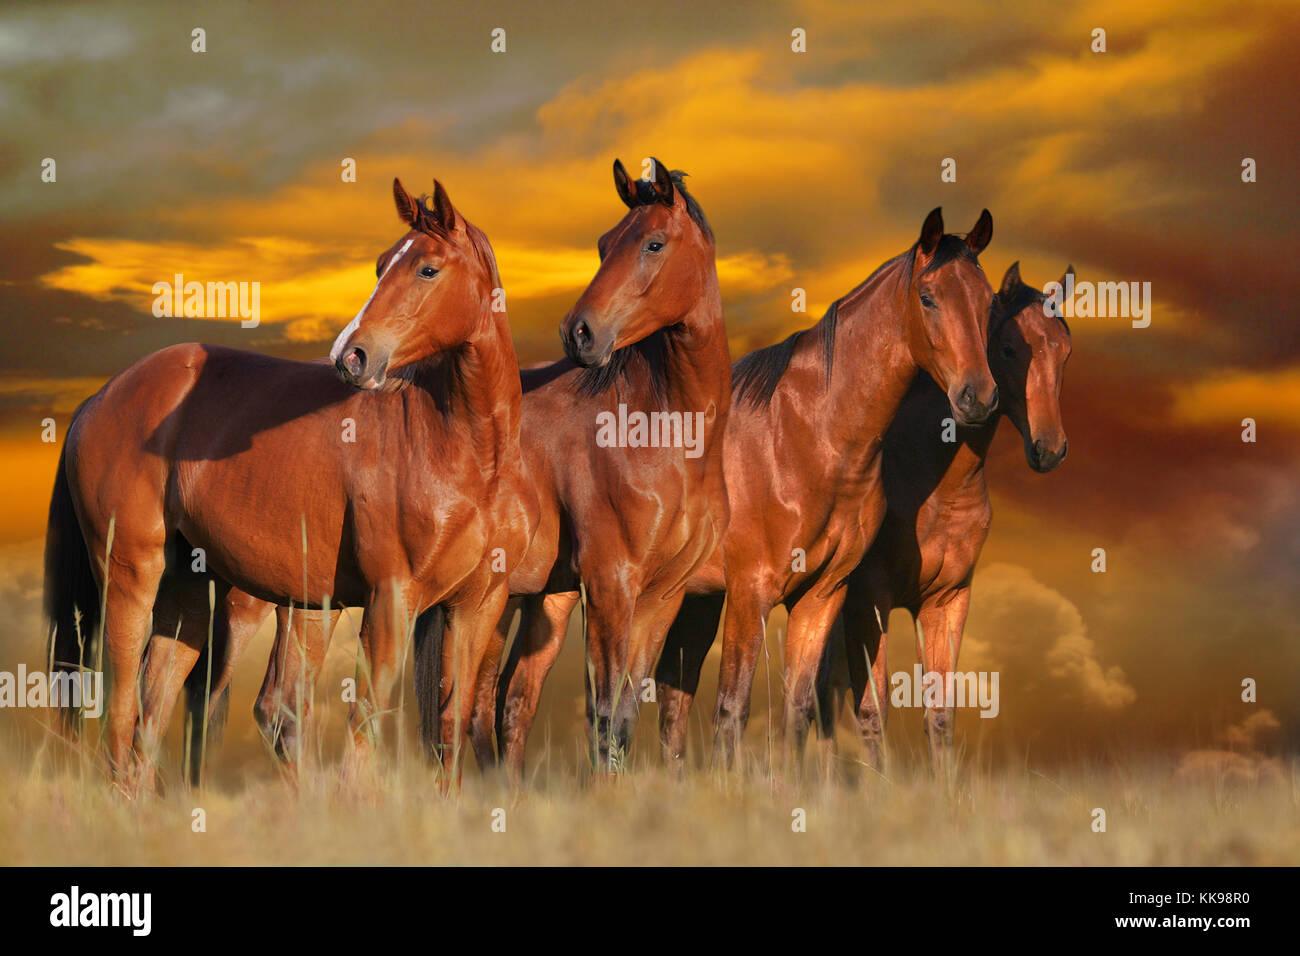 Vier schöne Pferde in einem Feld von langen Gras mit einem orangefarbenen Sonnenuntergang hinter Ihnen stehen. Stockbild